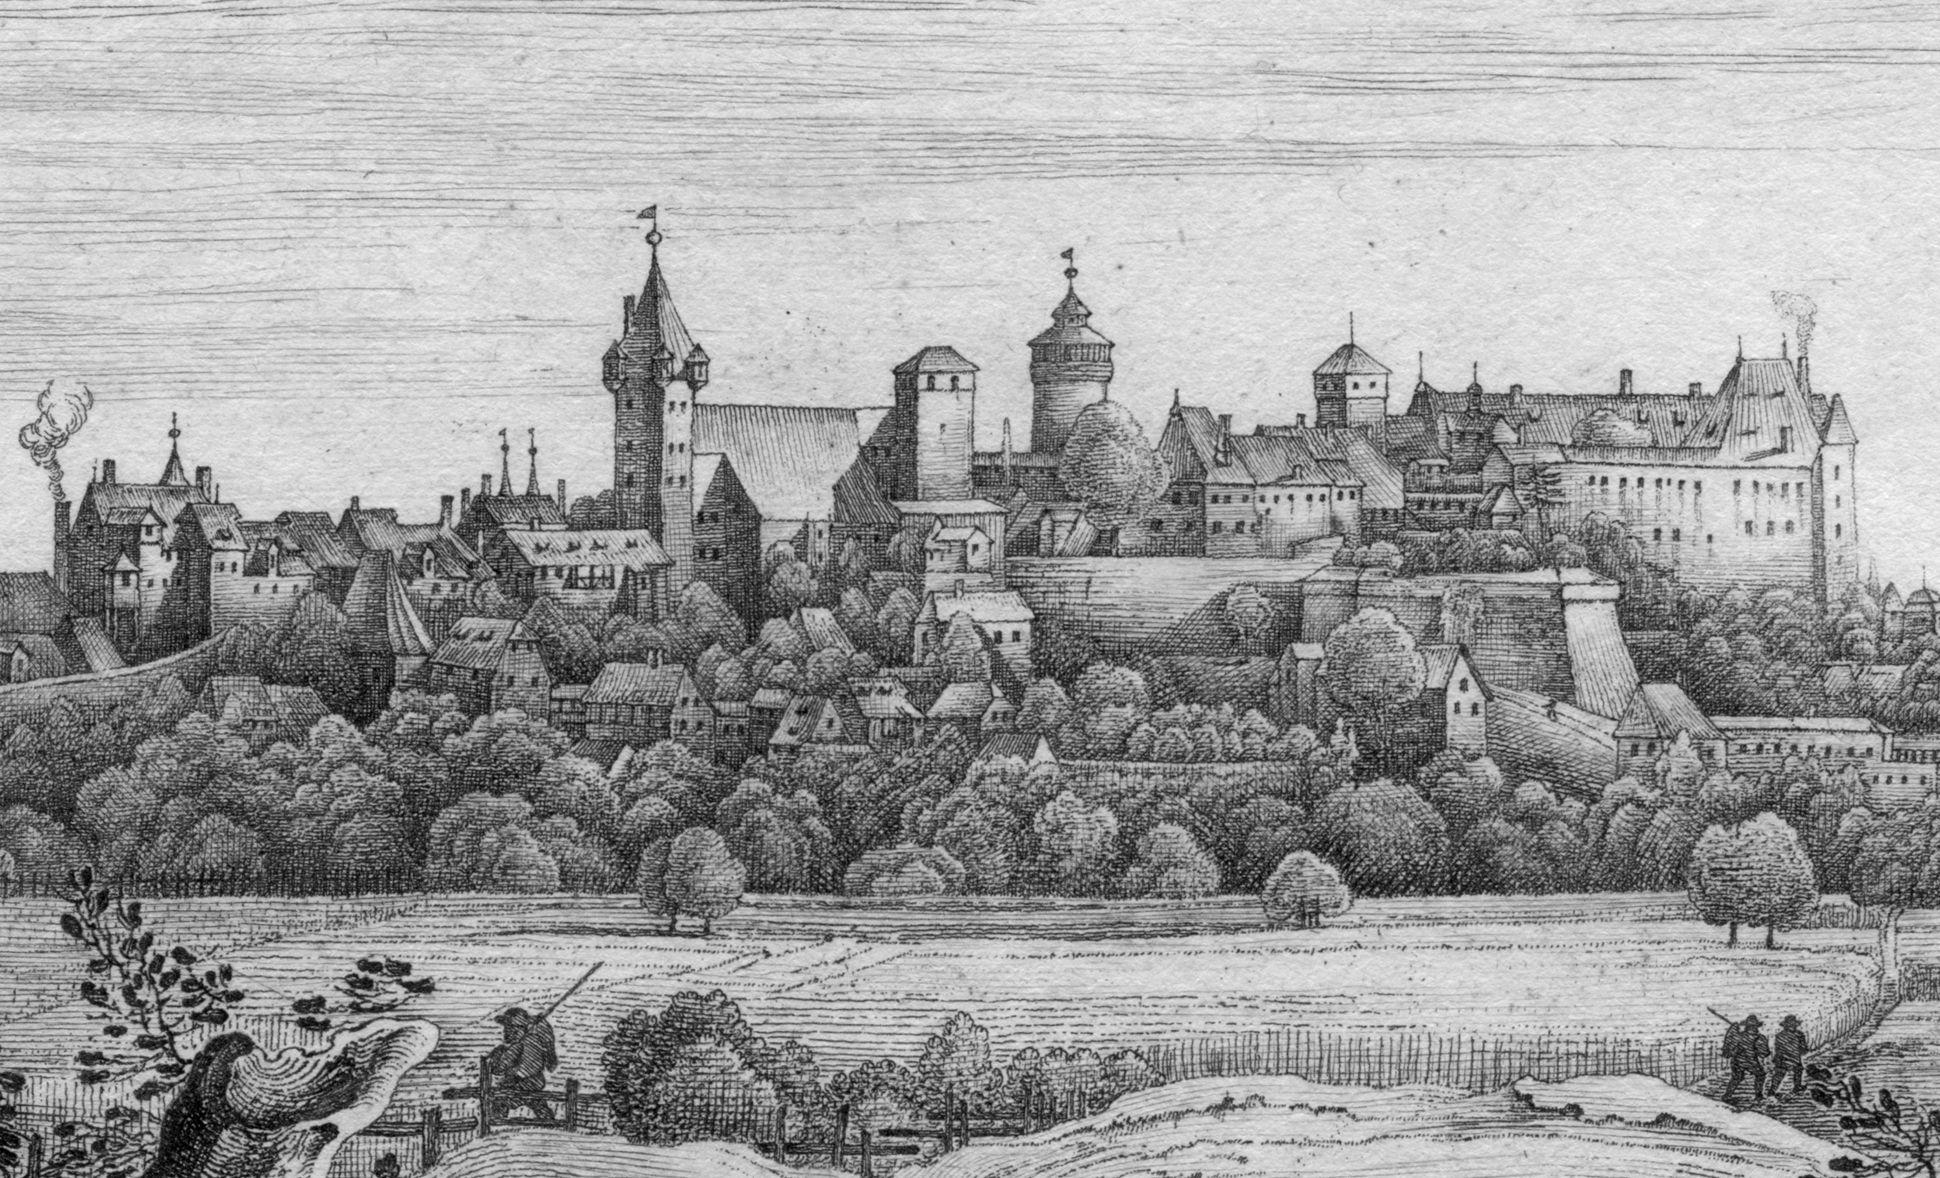 Die Burg von der Mitternacht-Seite Stadt- und Burgsilhouette von Norden